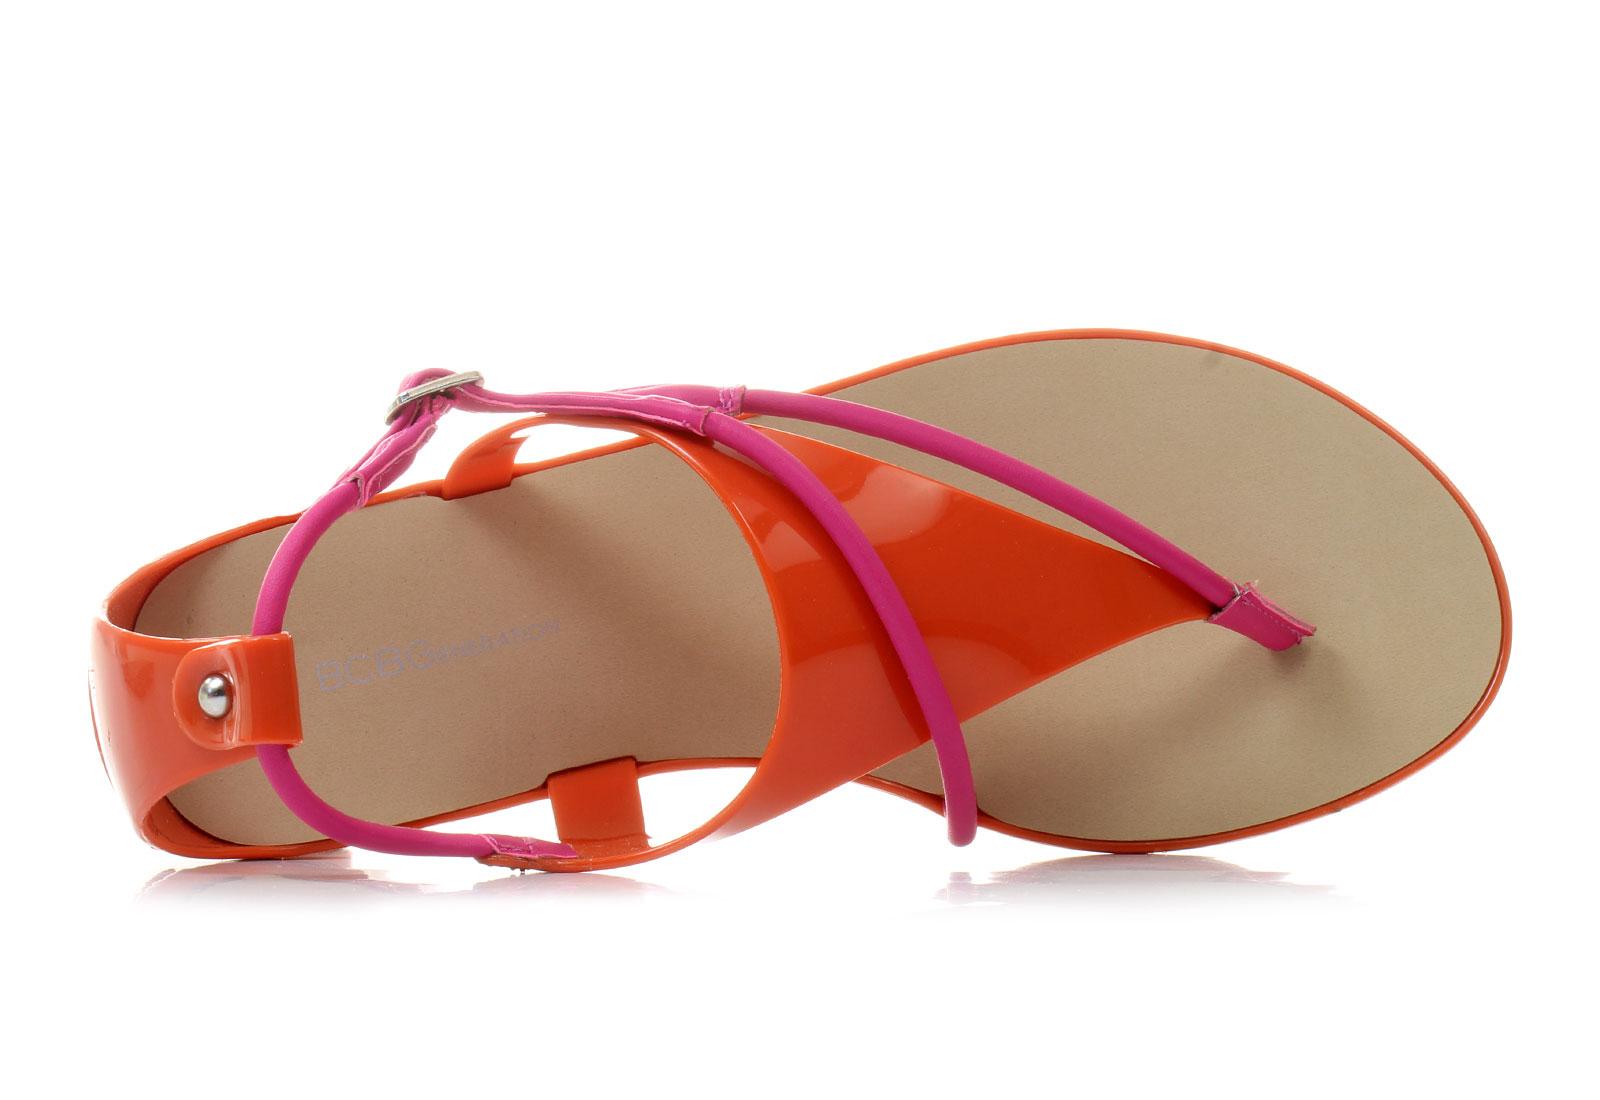 BCBG Szandál Chatham chatham pnk Office Shoes Magyarország